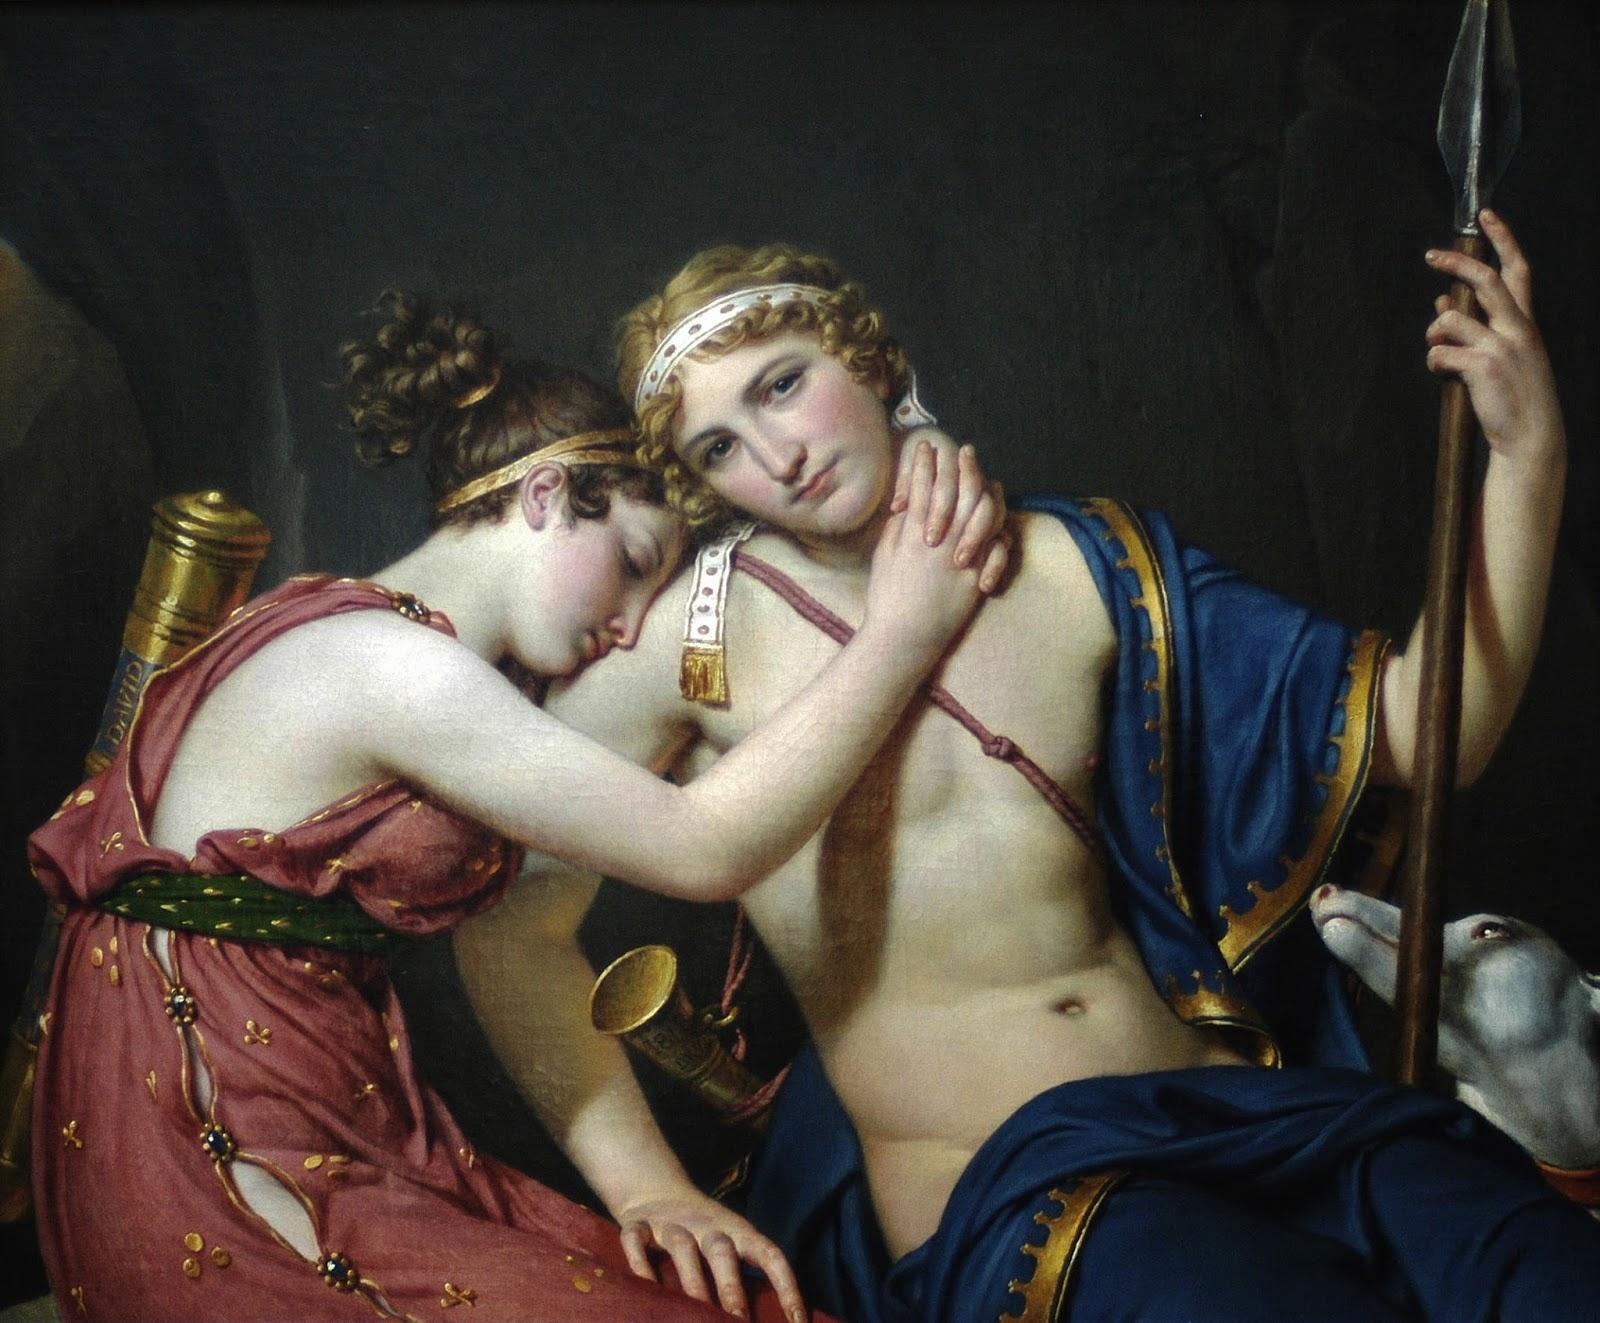 La despedida de Telémaco y Eucaris, por Jacques-Louis David, 1818, Colección privada.